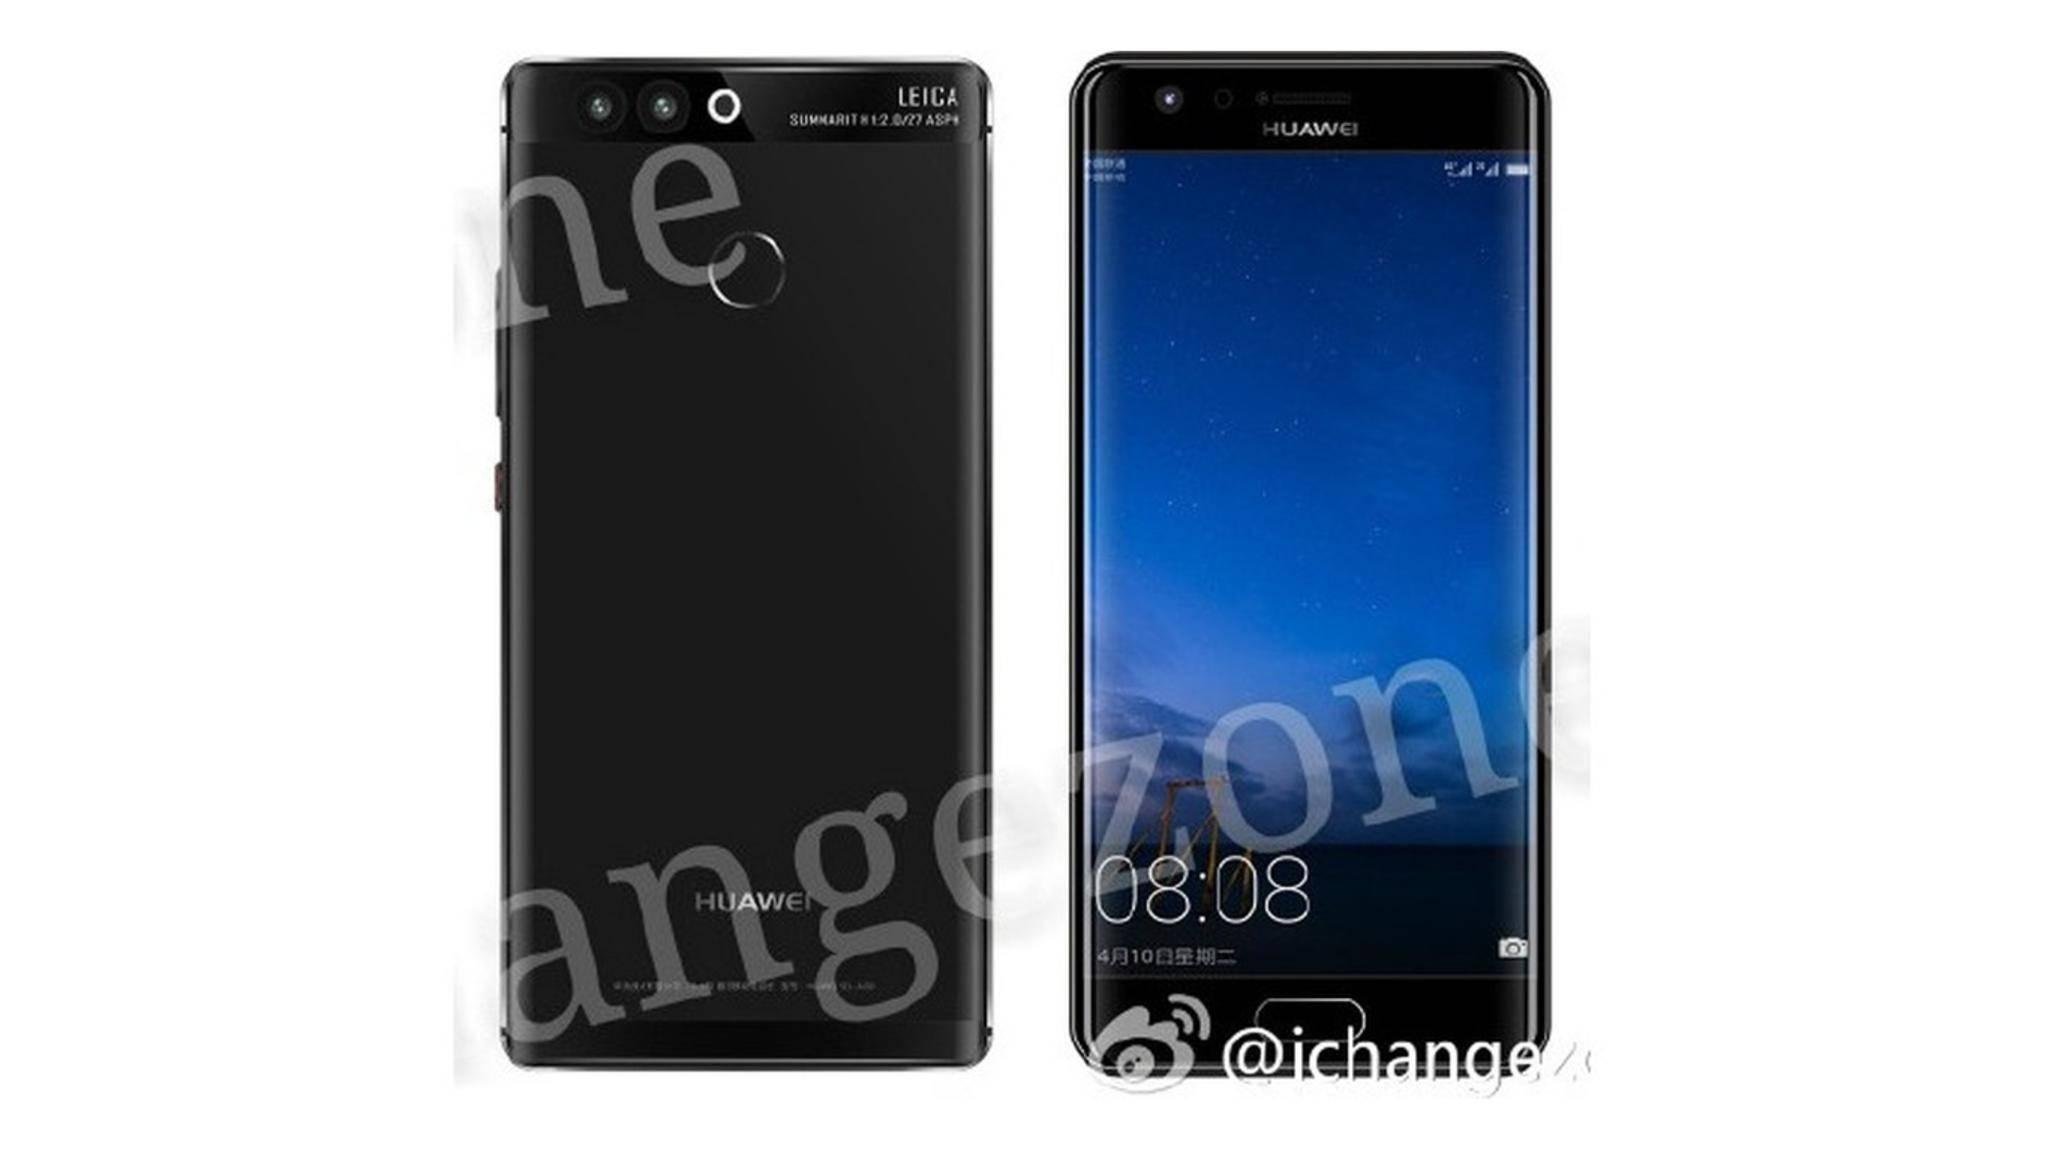 Das kommende Smartphone-Flaggschiff Huawei P10 soll auch als Dual-Edge-Modell erscheinen.